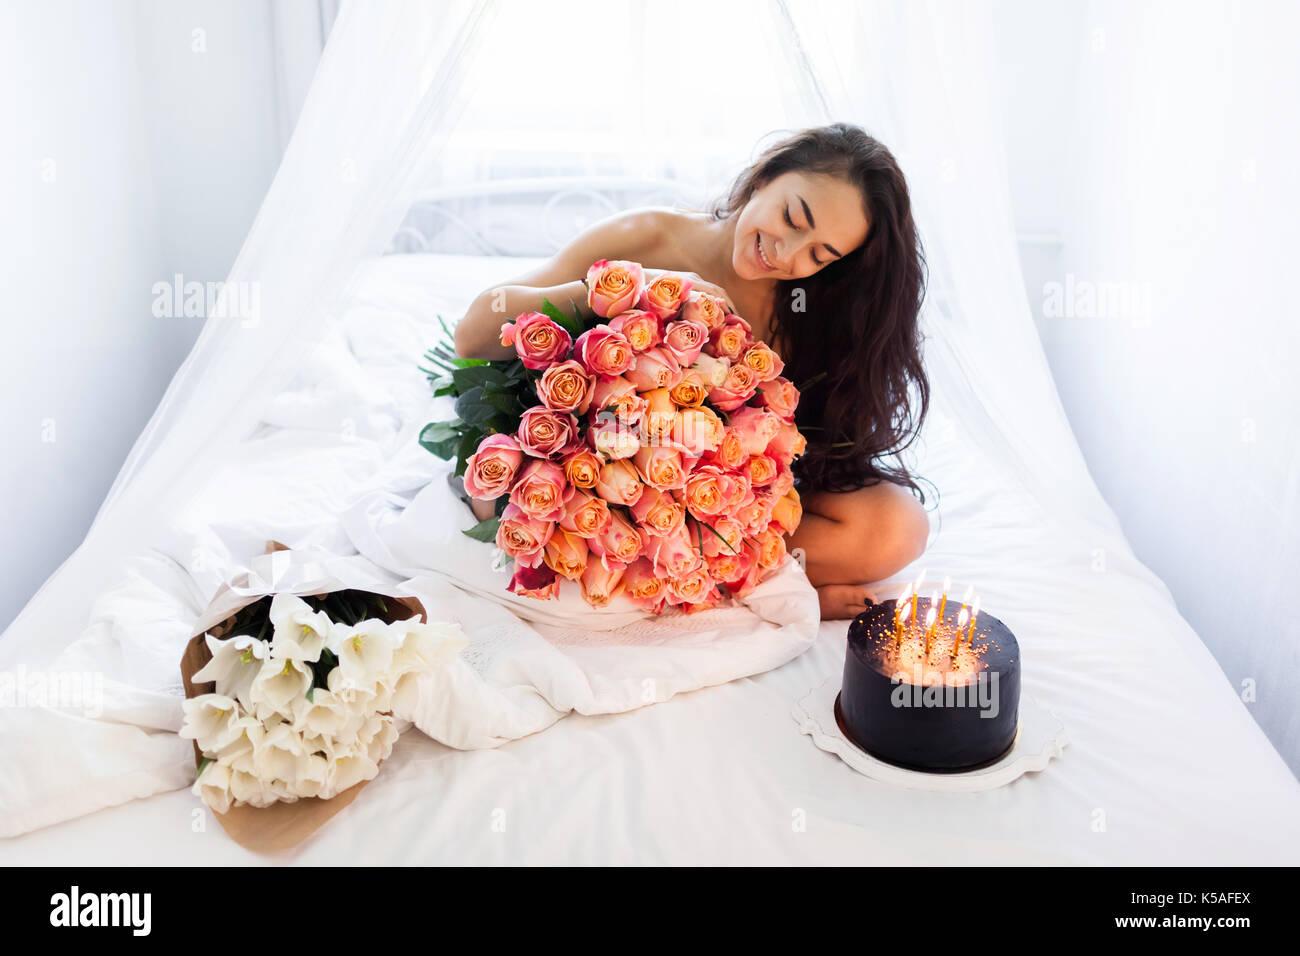 Geburtstag Morgen Junge Frau Mit Riesigen Blumenstrauß Aus Rosen Und  Leckeren Kuchen Mit Kerzen Auf Weißen Bett